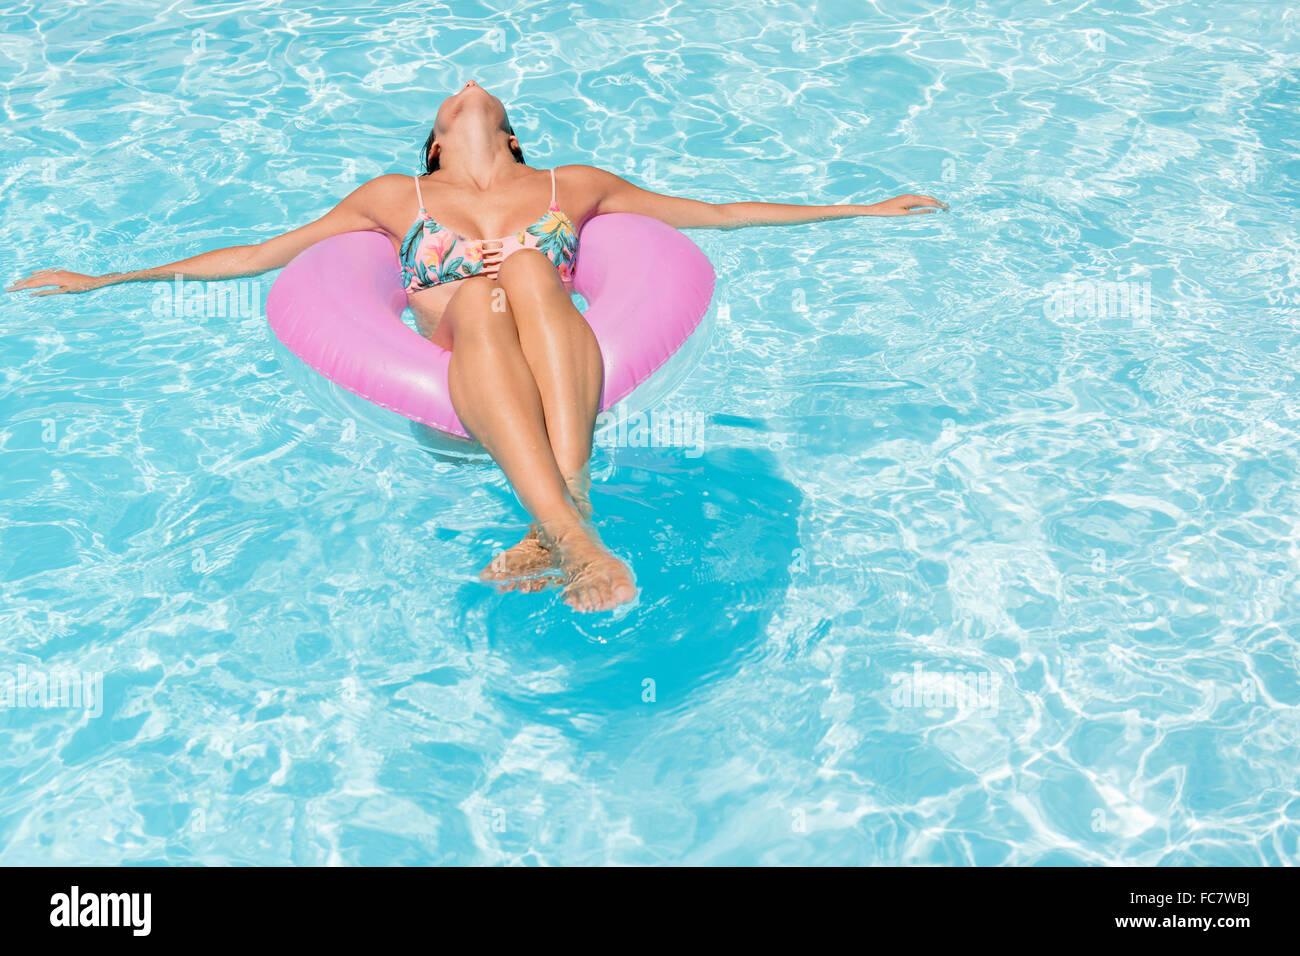 Mujer caucásica flotando en la piscina Foto de stock